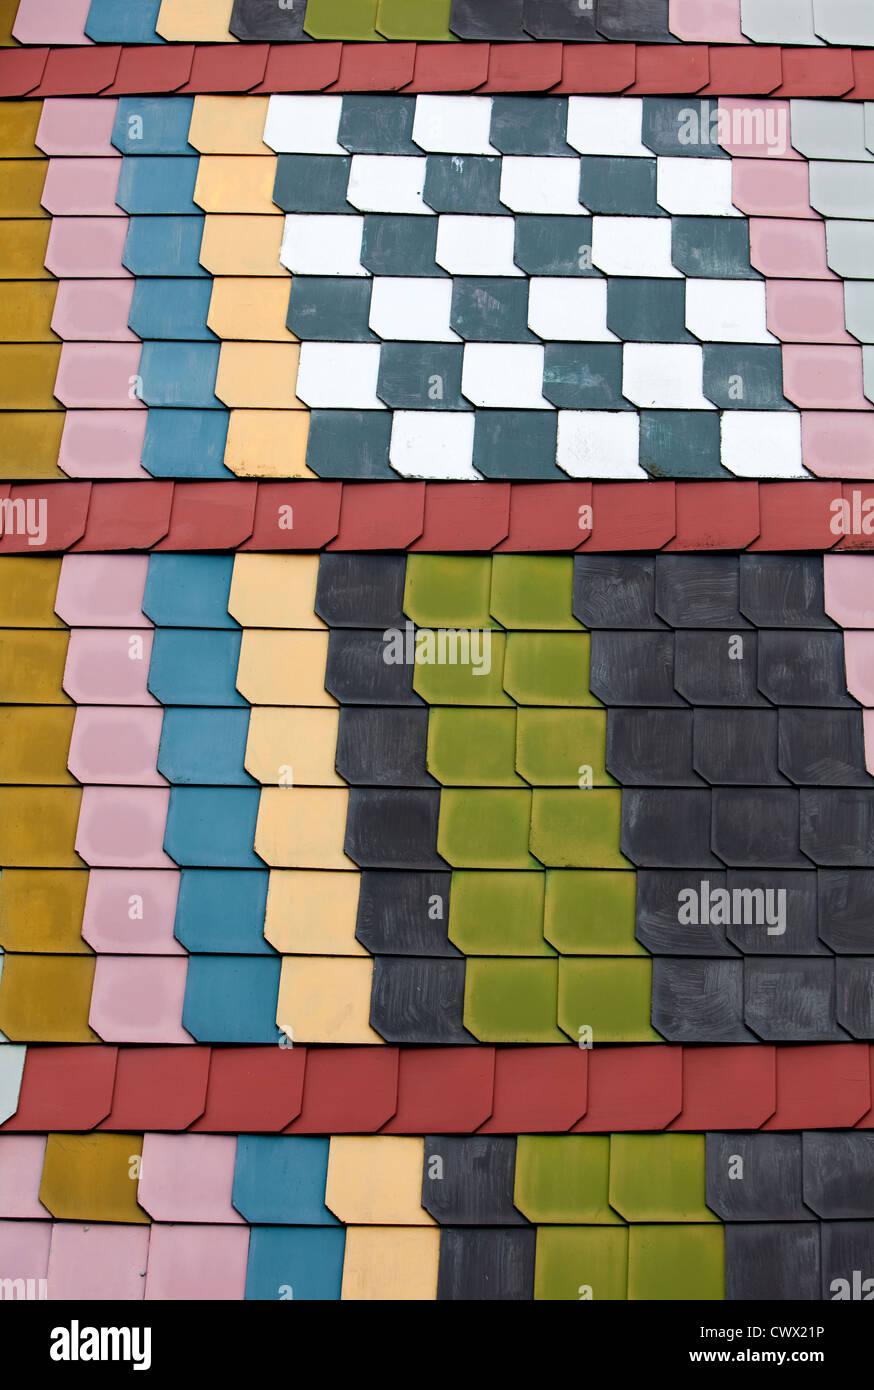 Slate Cladding Stock Photos & Slate Cladding Stock Images - Alamy